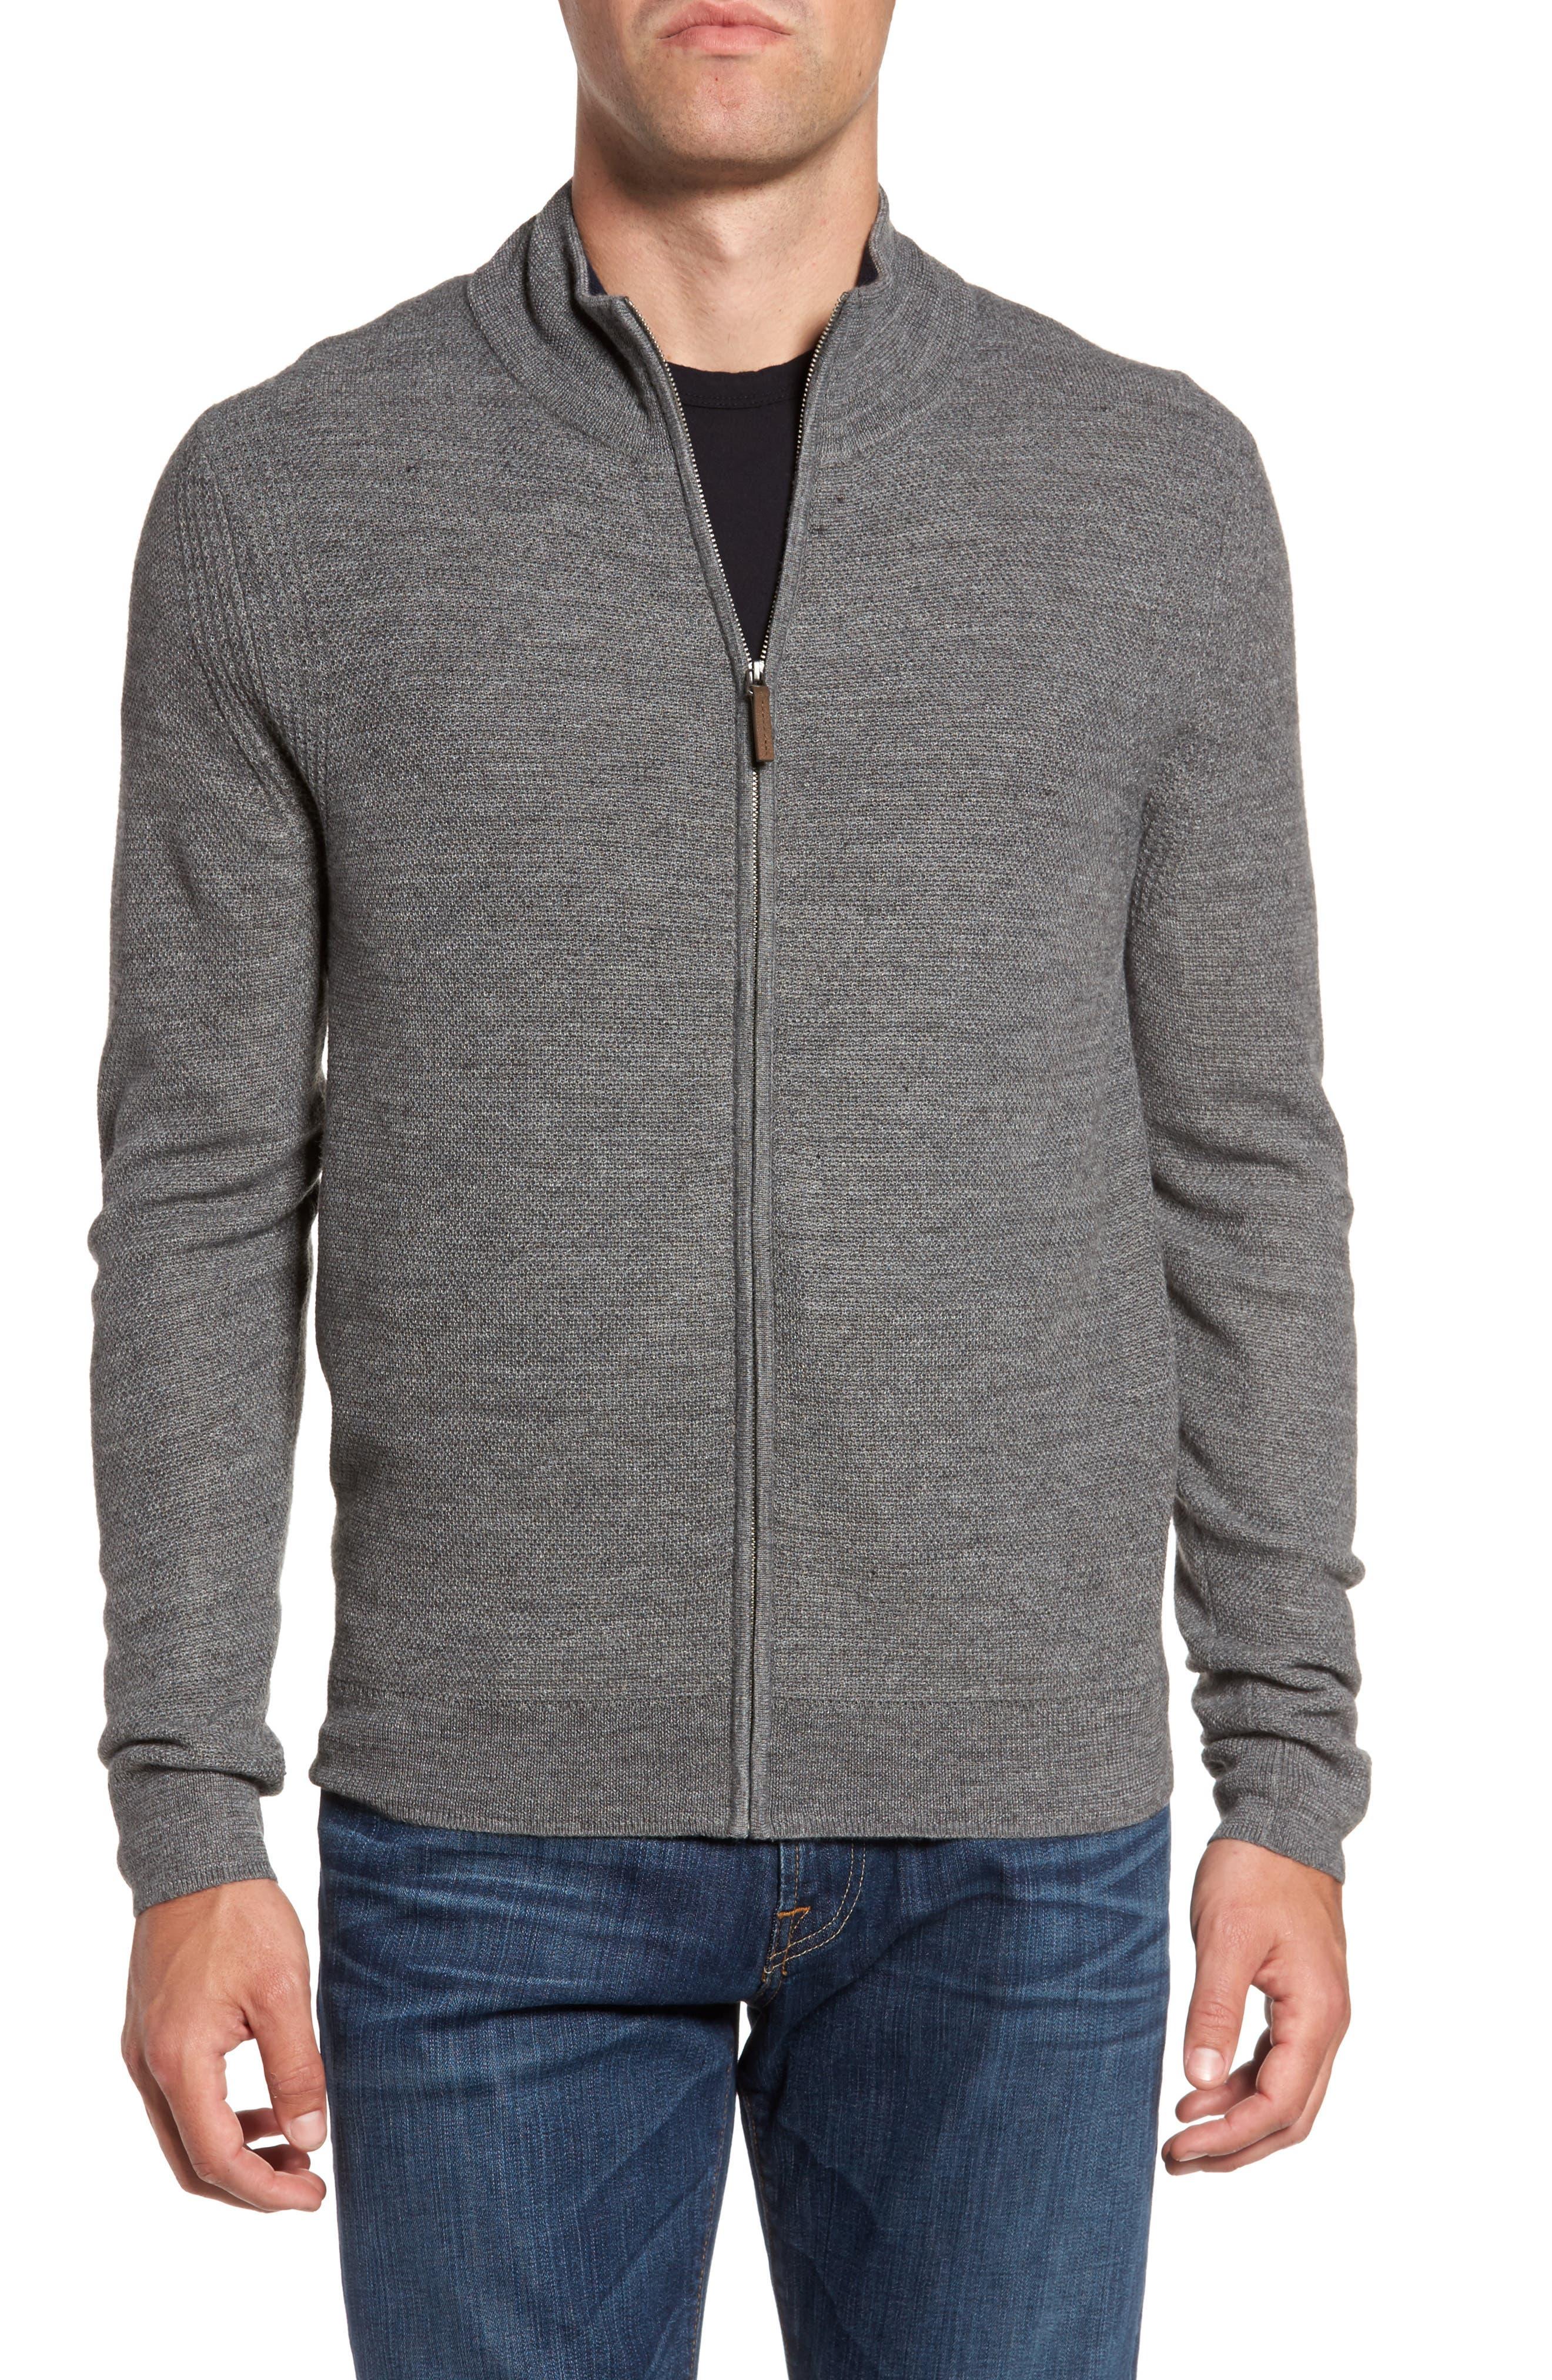 Honeycomb Zip Front Cardigan,                         Main,                         color, Grey Heather